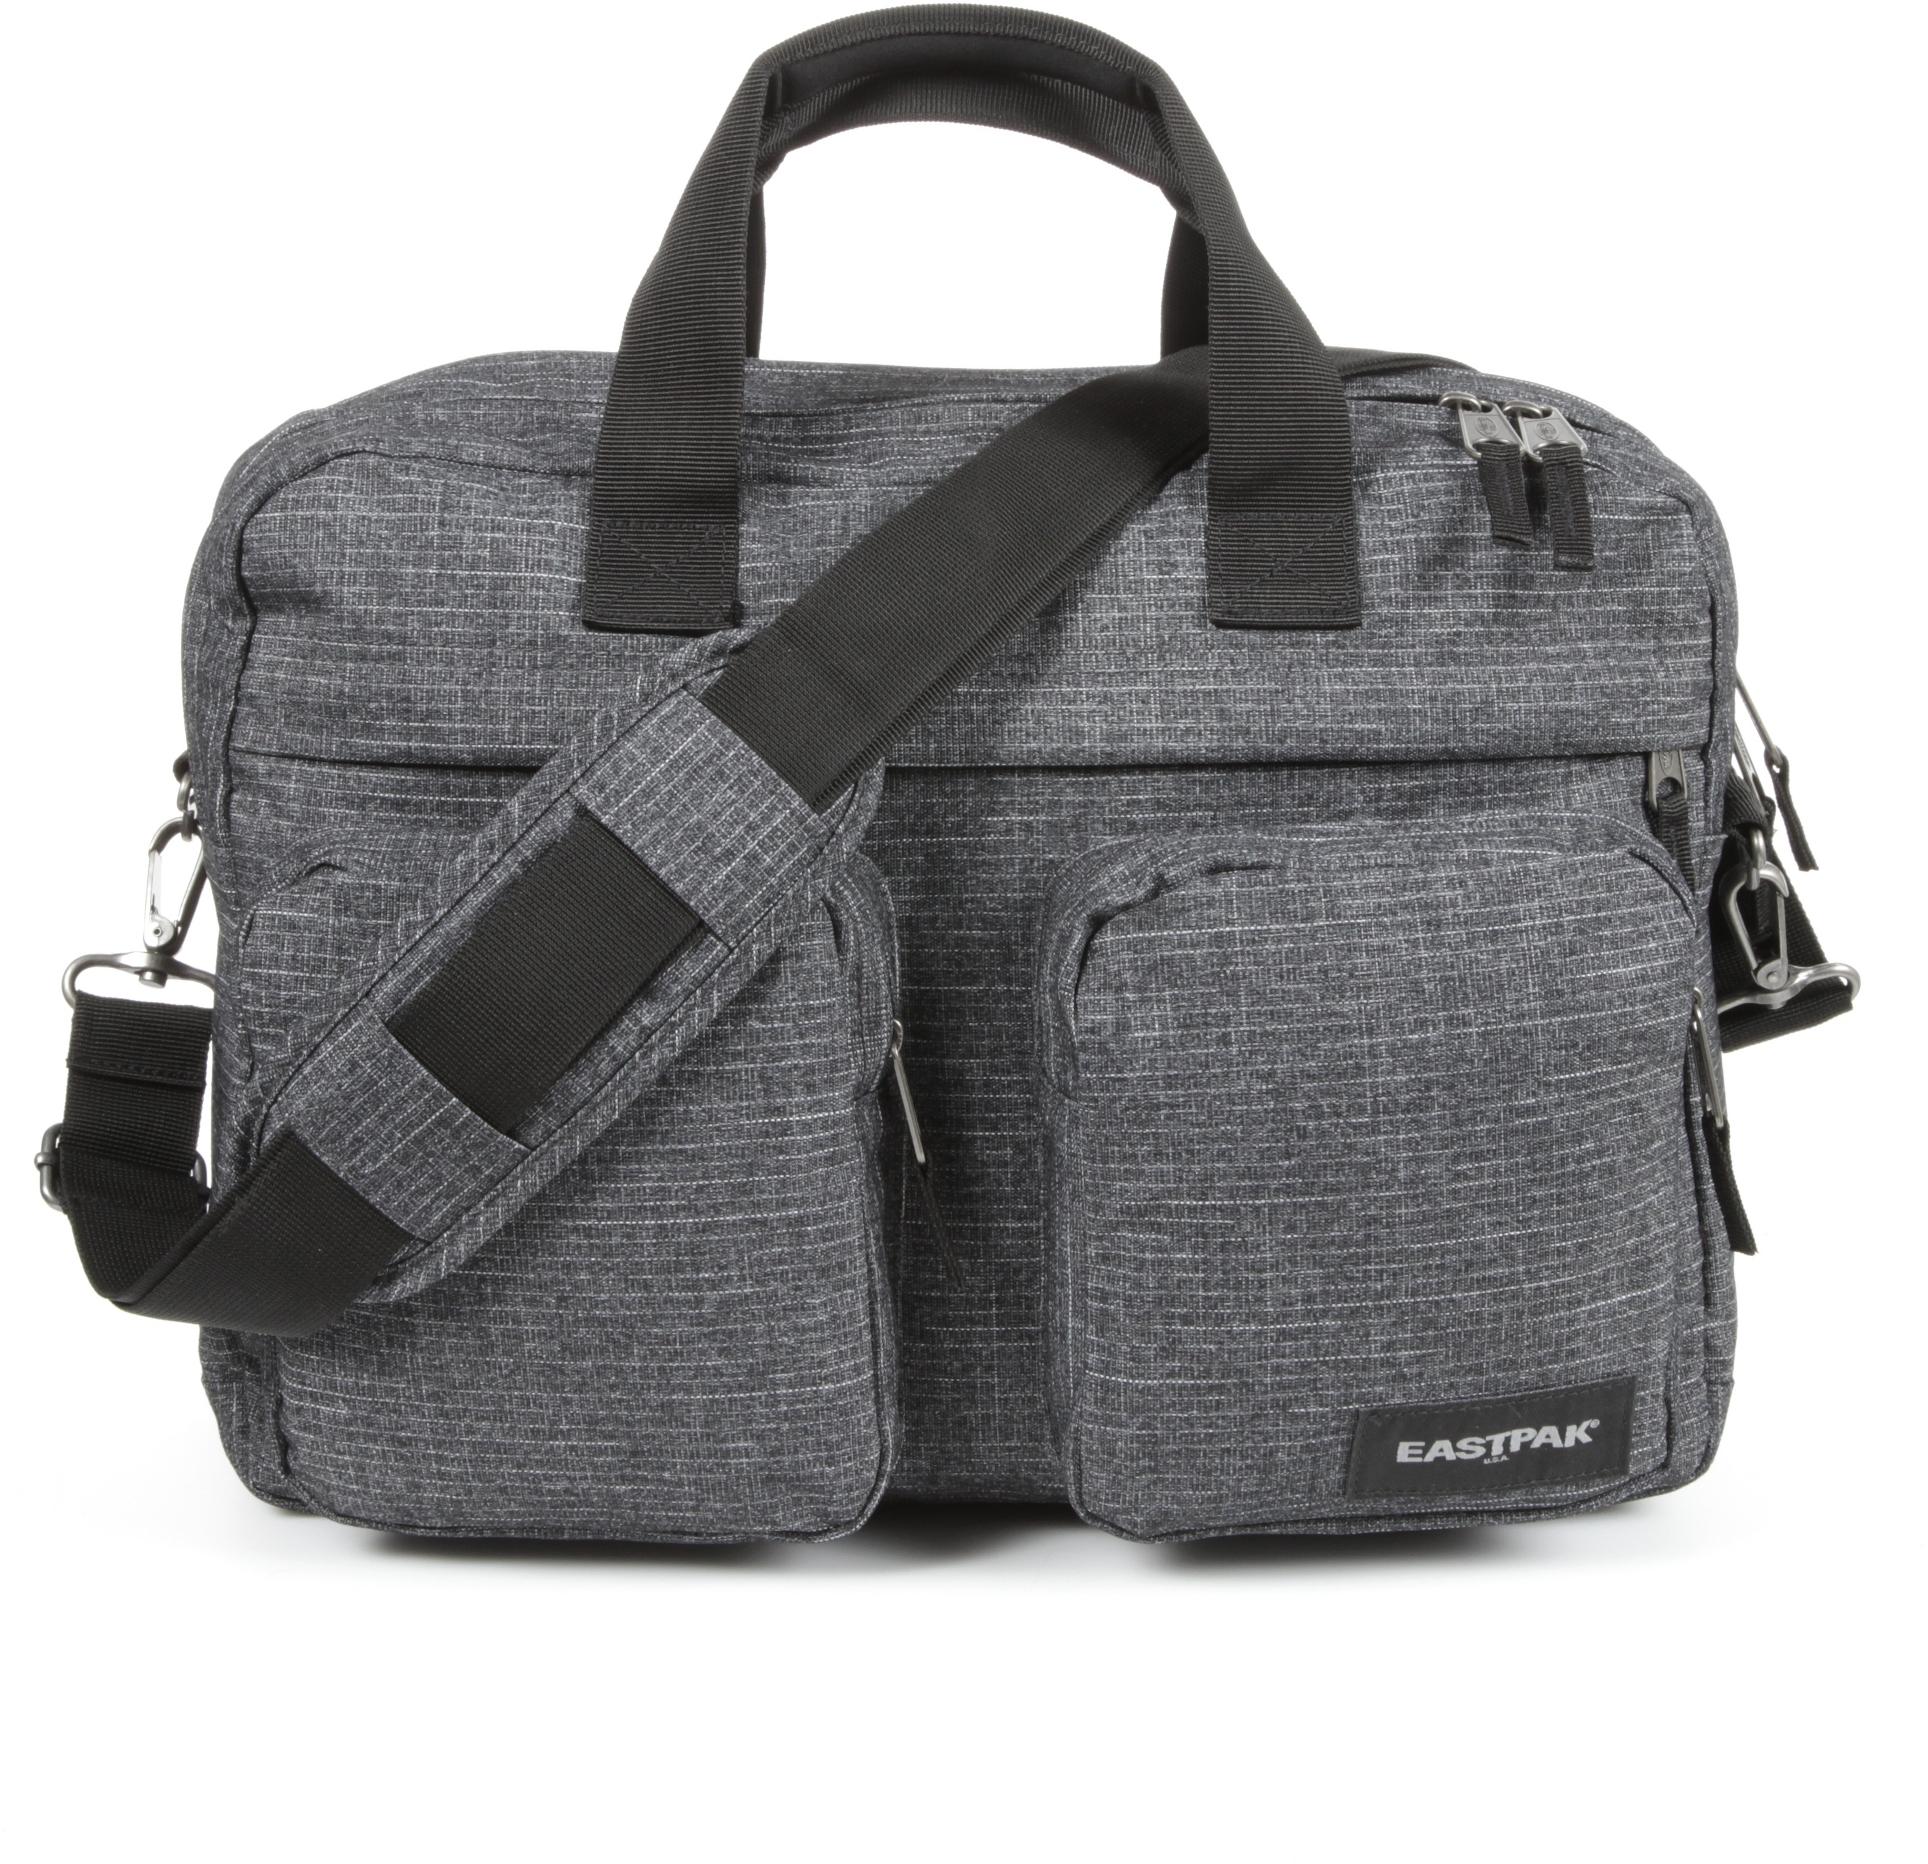 Tietokone Laukku 14 : Eastpak wister laukku quot kannettavalle tietokoneelle